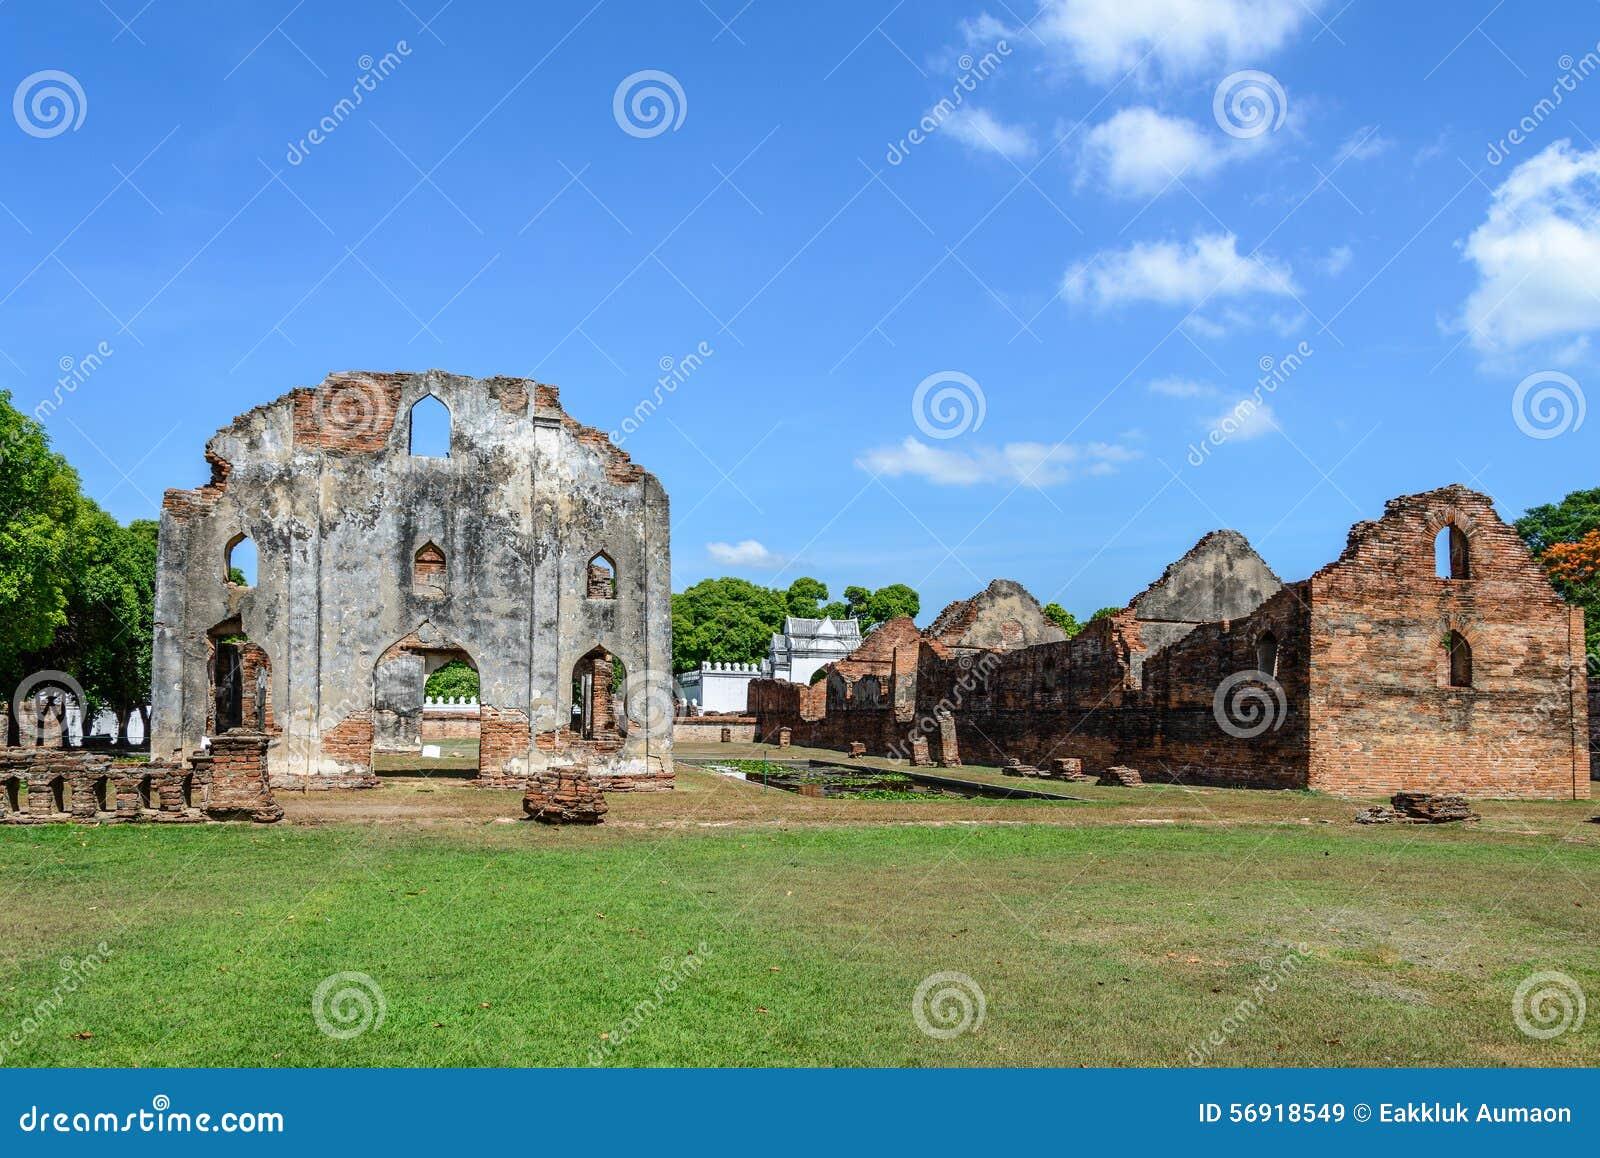 Μεγάλο παλάτι του βασιλιά Narai, βασιλιάς του βασίλειου Ayutthaya